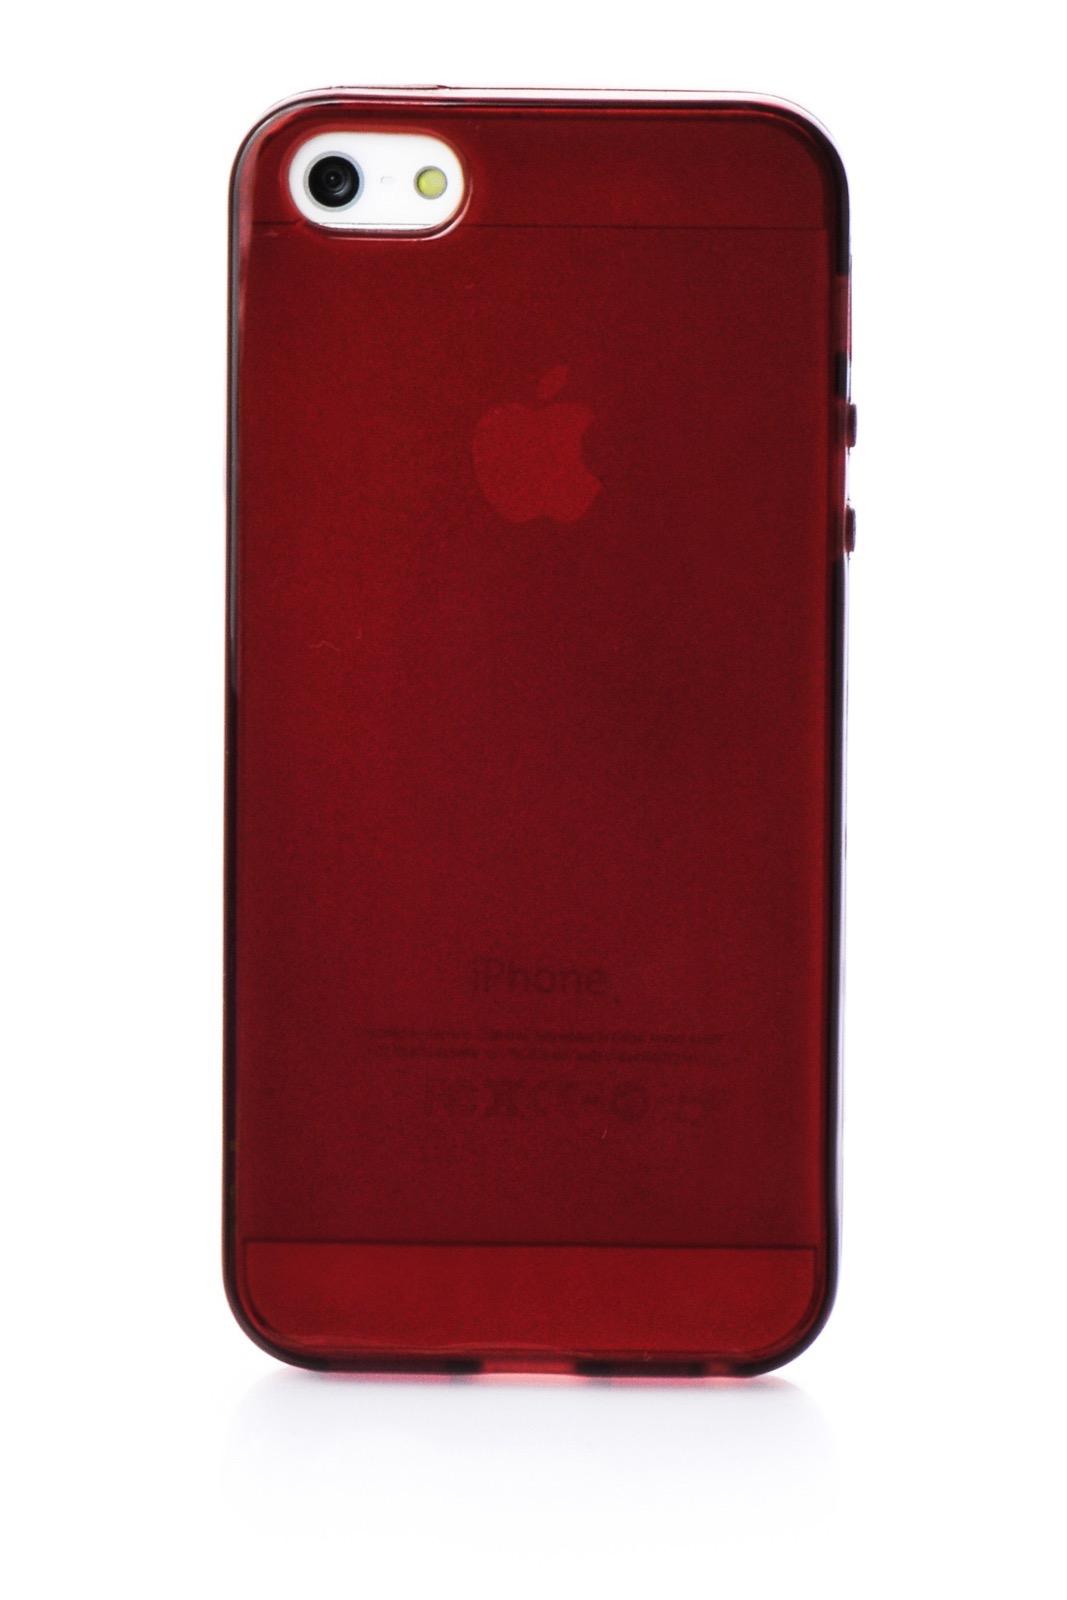 Чехол для сотового телефона iNeez накладка силиконовый глянцевый 400199 для Apple iPhone 5/5S/SE, коричневый